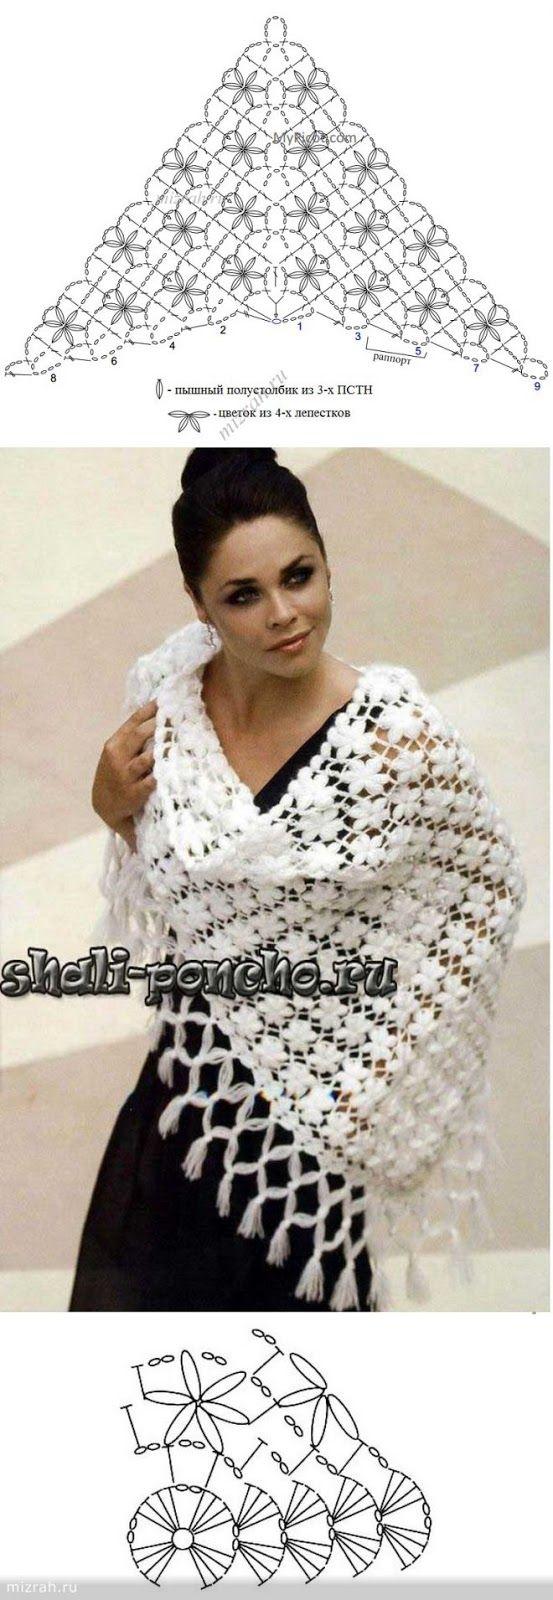 grilles+de+ch%C3%A2le+au+crochet.jpg 553×1,600 pixeles | Tejer ...